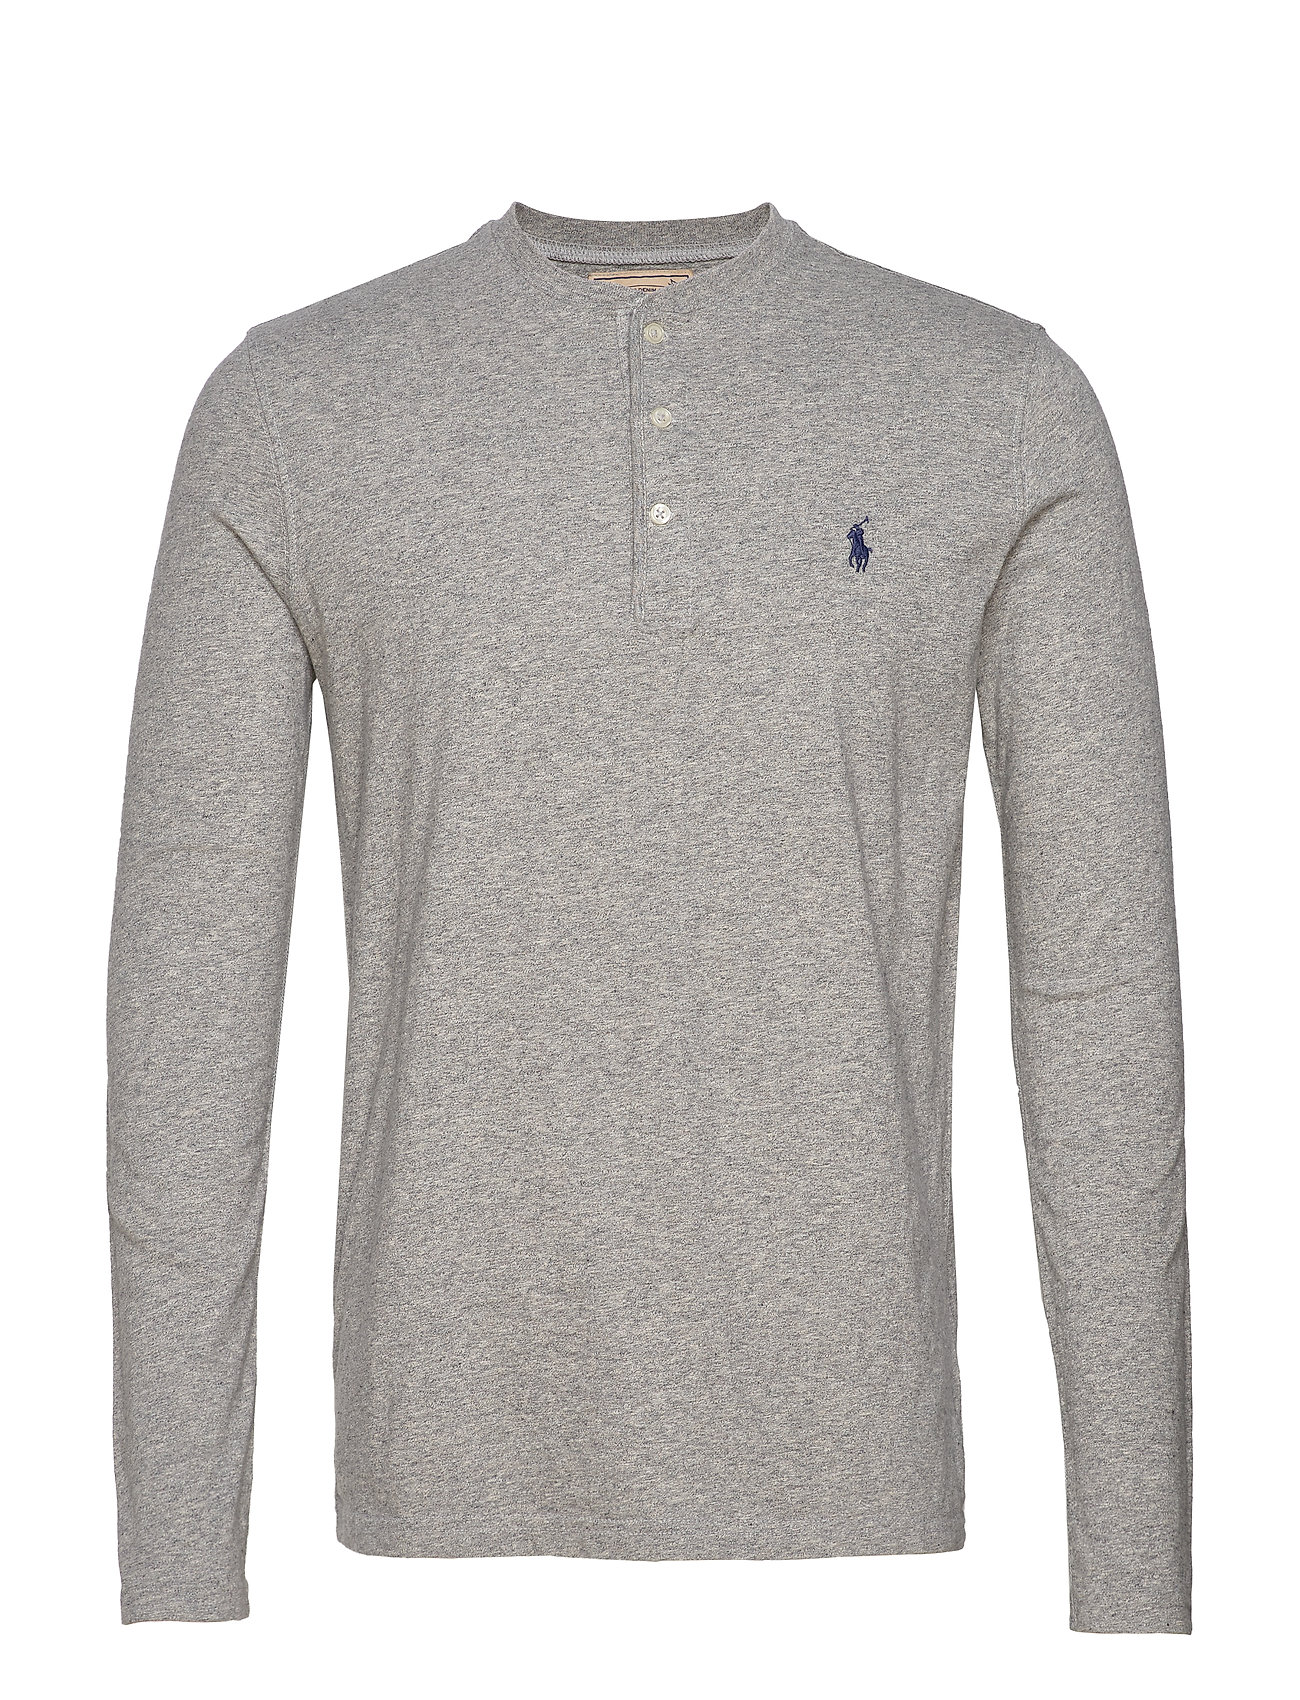 Polo Ralph Lauren Slub Jersey Henley Shirt - DARK VINTAGE HEAT